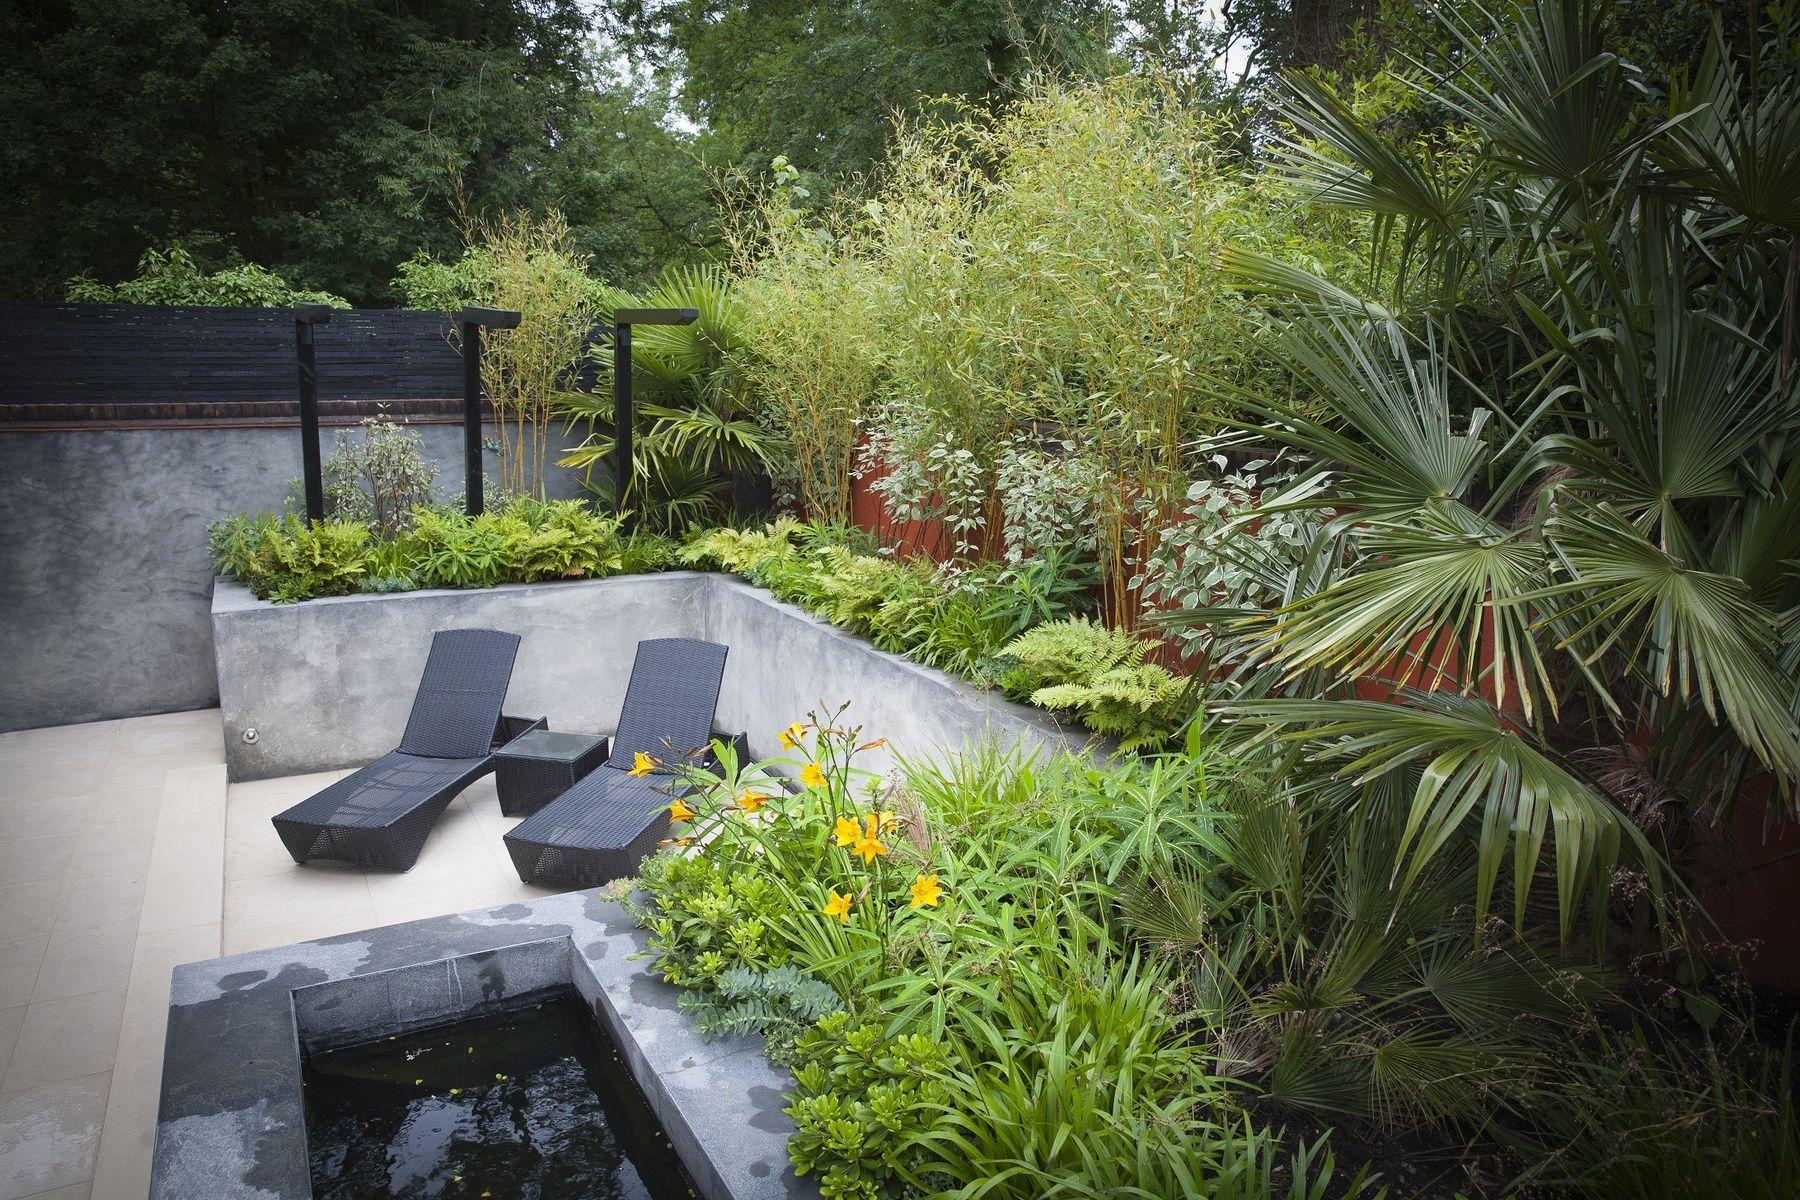 Daniel Shea S Portfolio Contemporary Courtyard Reigate Courtyard Gardens Design Garden Spaces Contemporary Garden Design